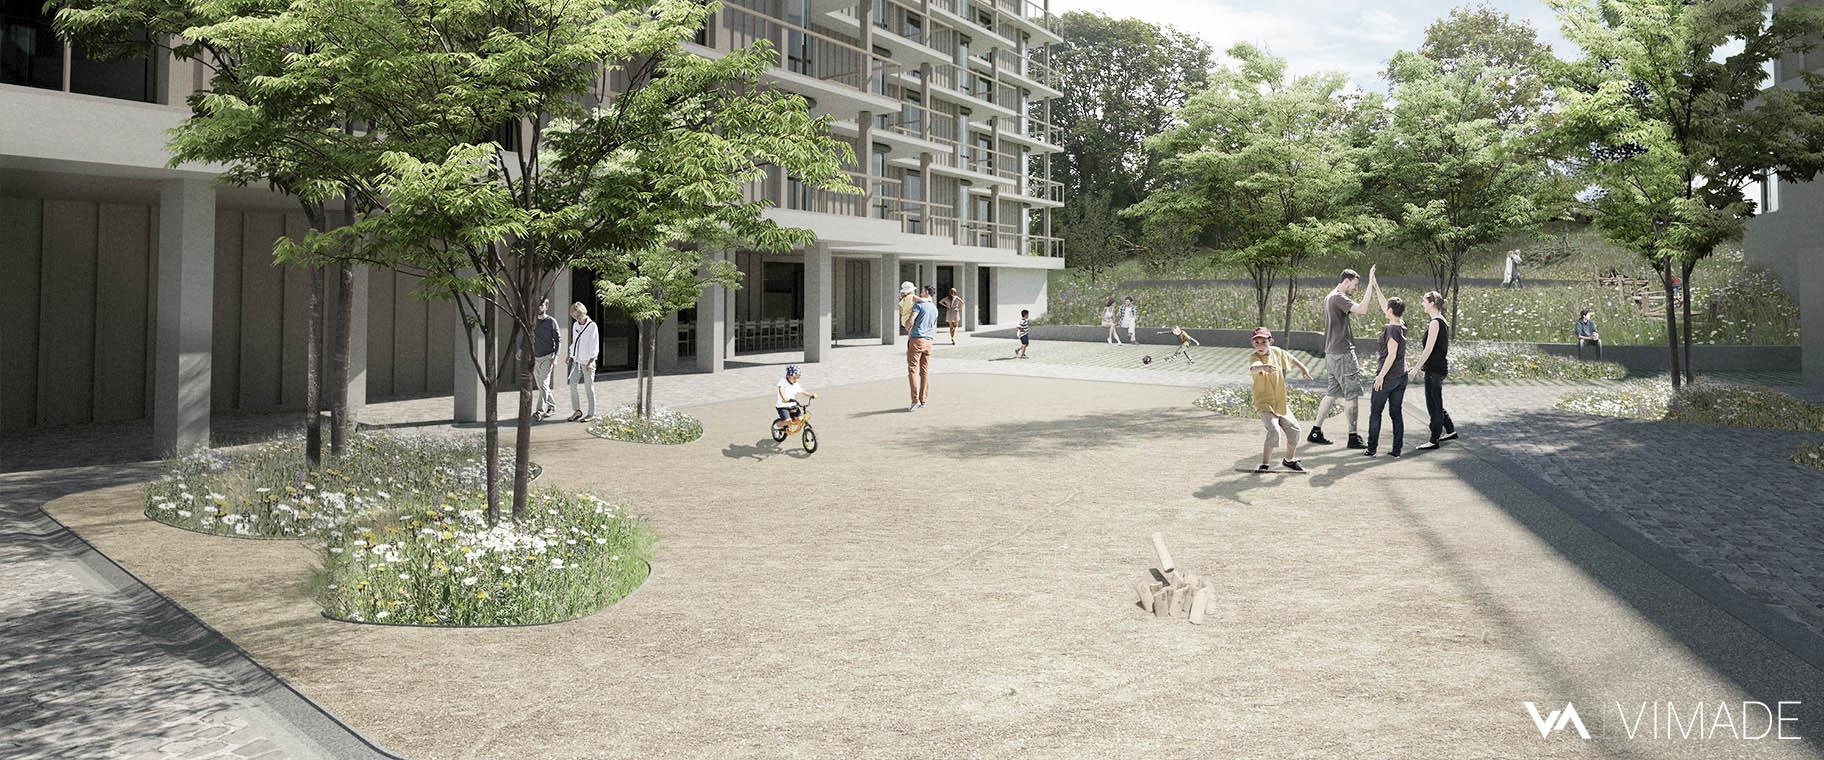 Projet d'aménagement écologique et coopératif pour les coopératives CODHA et SOCOOP à Genève par le bureau VIMADE Architectes paysagistes